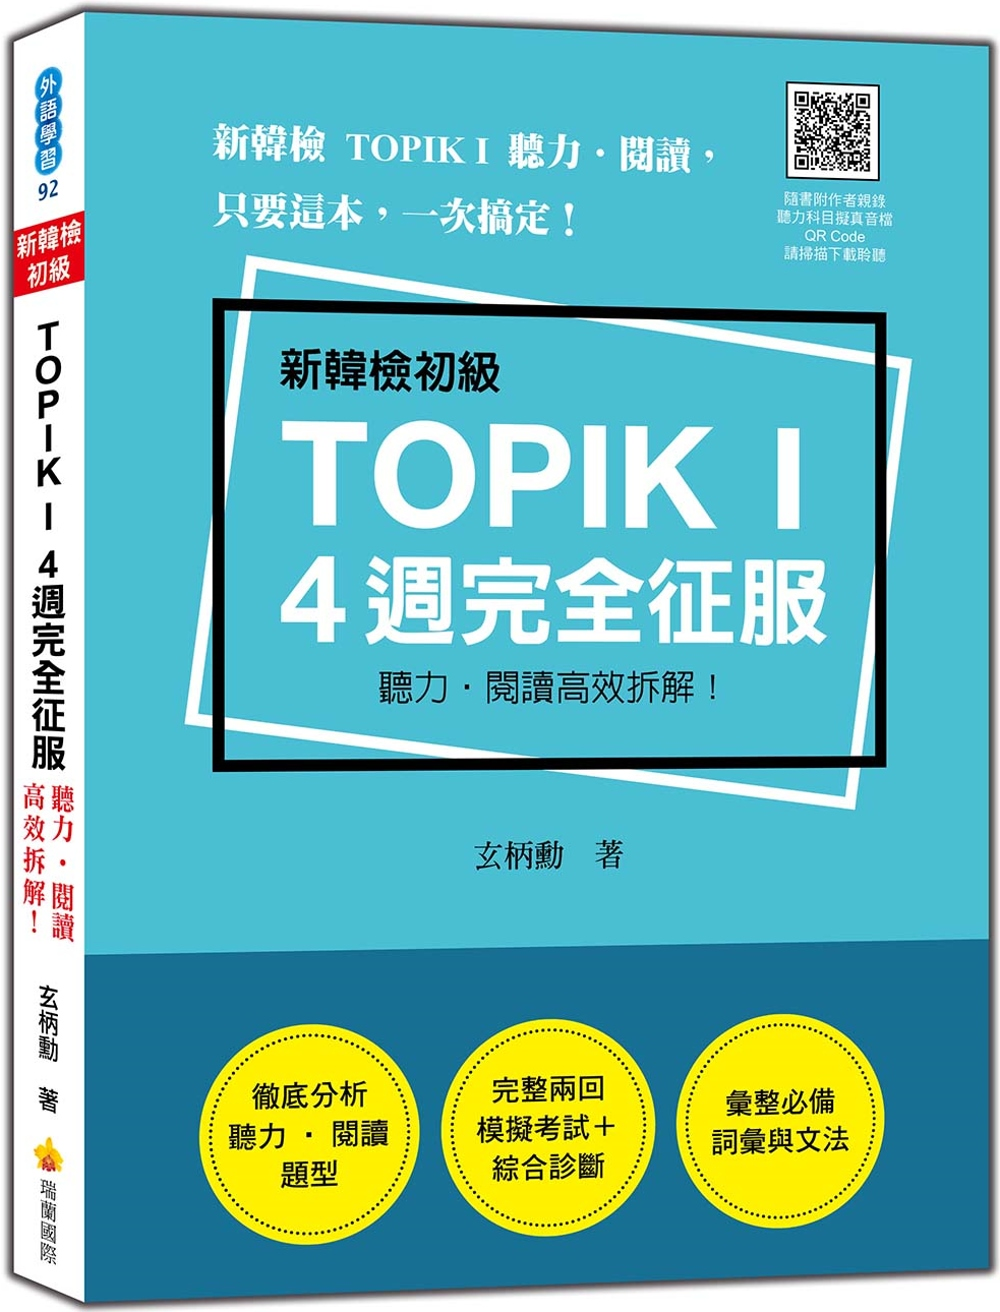 新韓檢初級TOPIK I 4 週完全征服:聽力‧閱讀高效拆解!(隨書附作者親錄聽力科目擬真音檔QR Code)